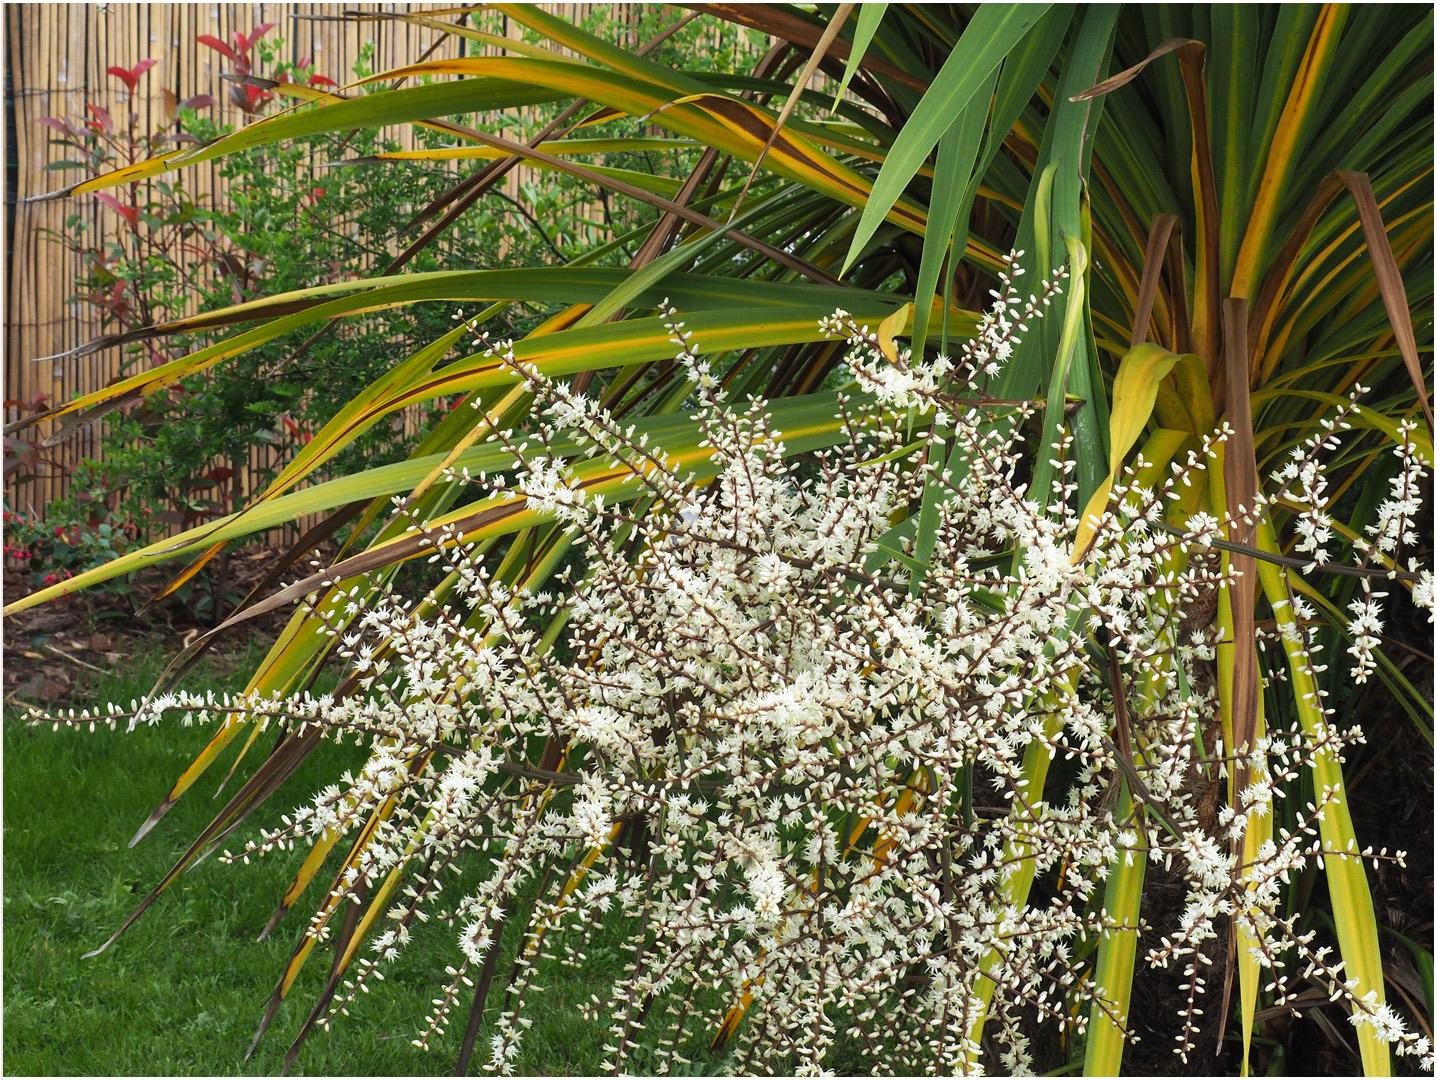 Fleurs de cordyline australis